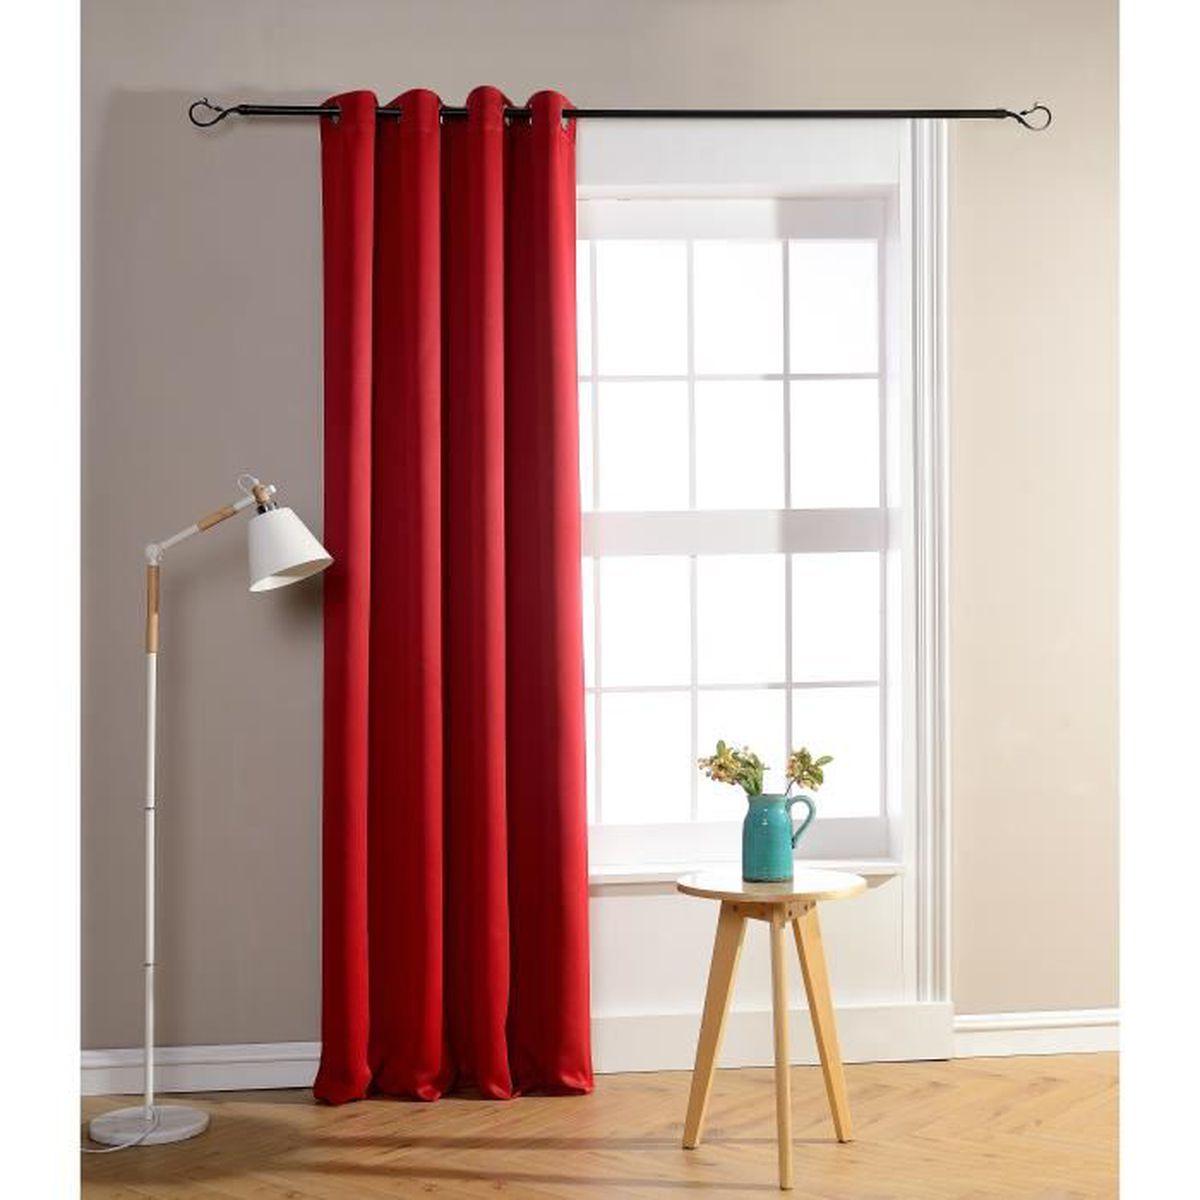 RIDEAU Rideau occultant et obscurcissant rouge 140 x 260